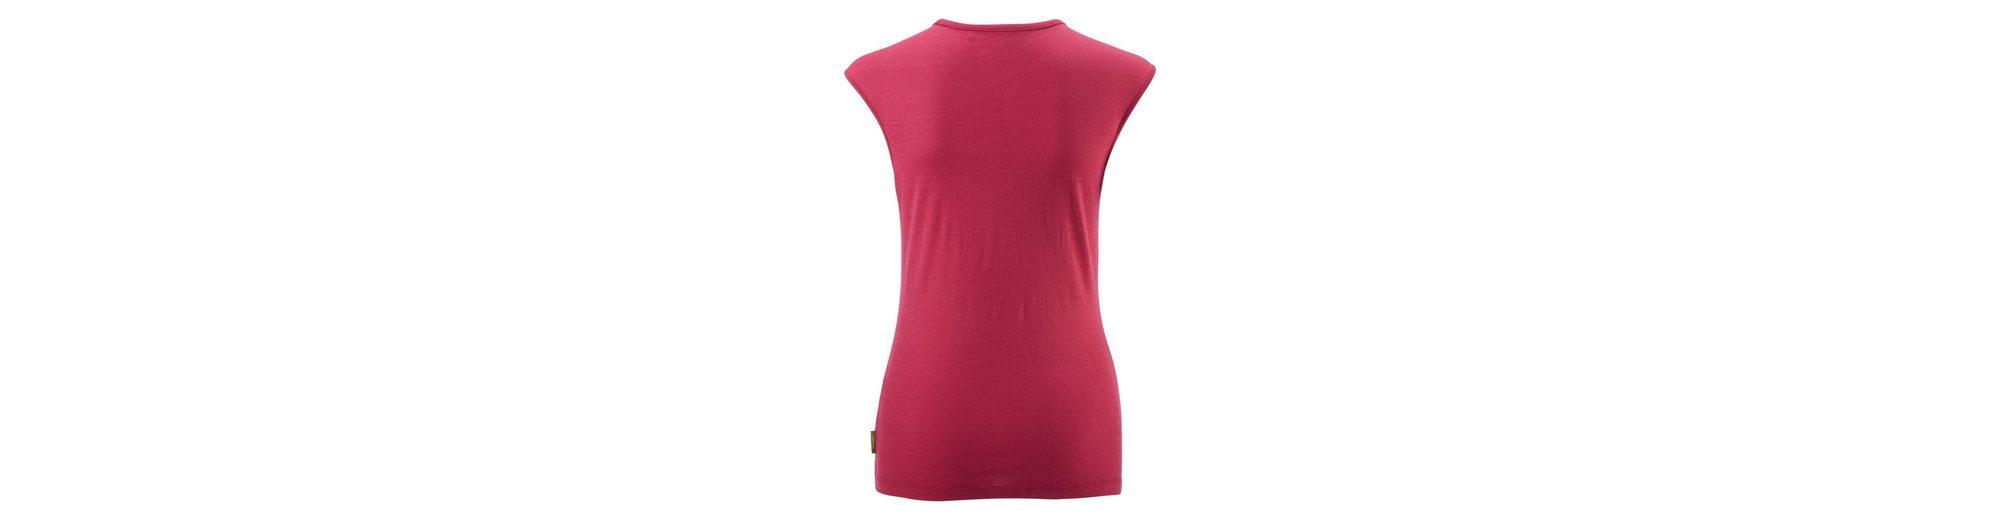 Kathmandu leichtes Unterhemd aus Merinowolle Divide Billig Bester Ort Billig Verkauf Gut Verkaufen Auslass Ausgezeichnet Verkauf Sehr Billig crw0x